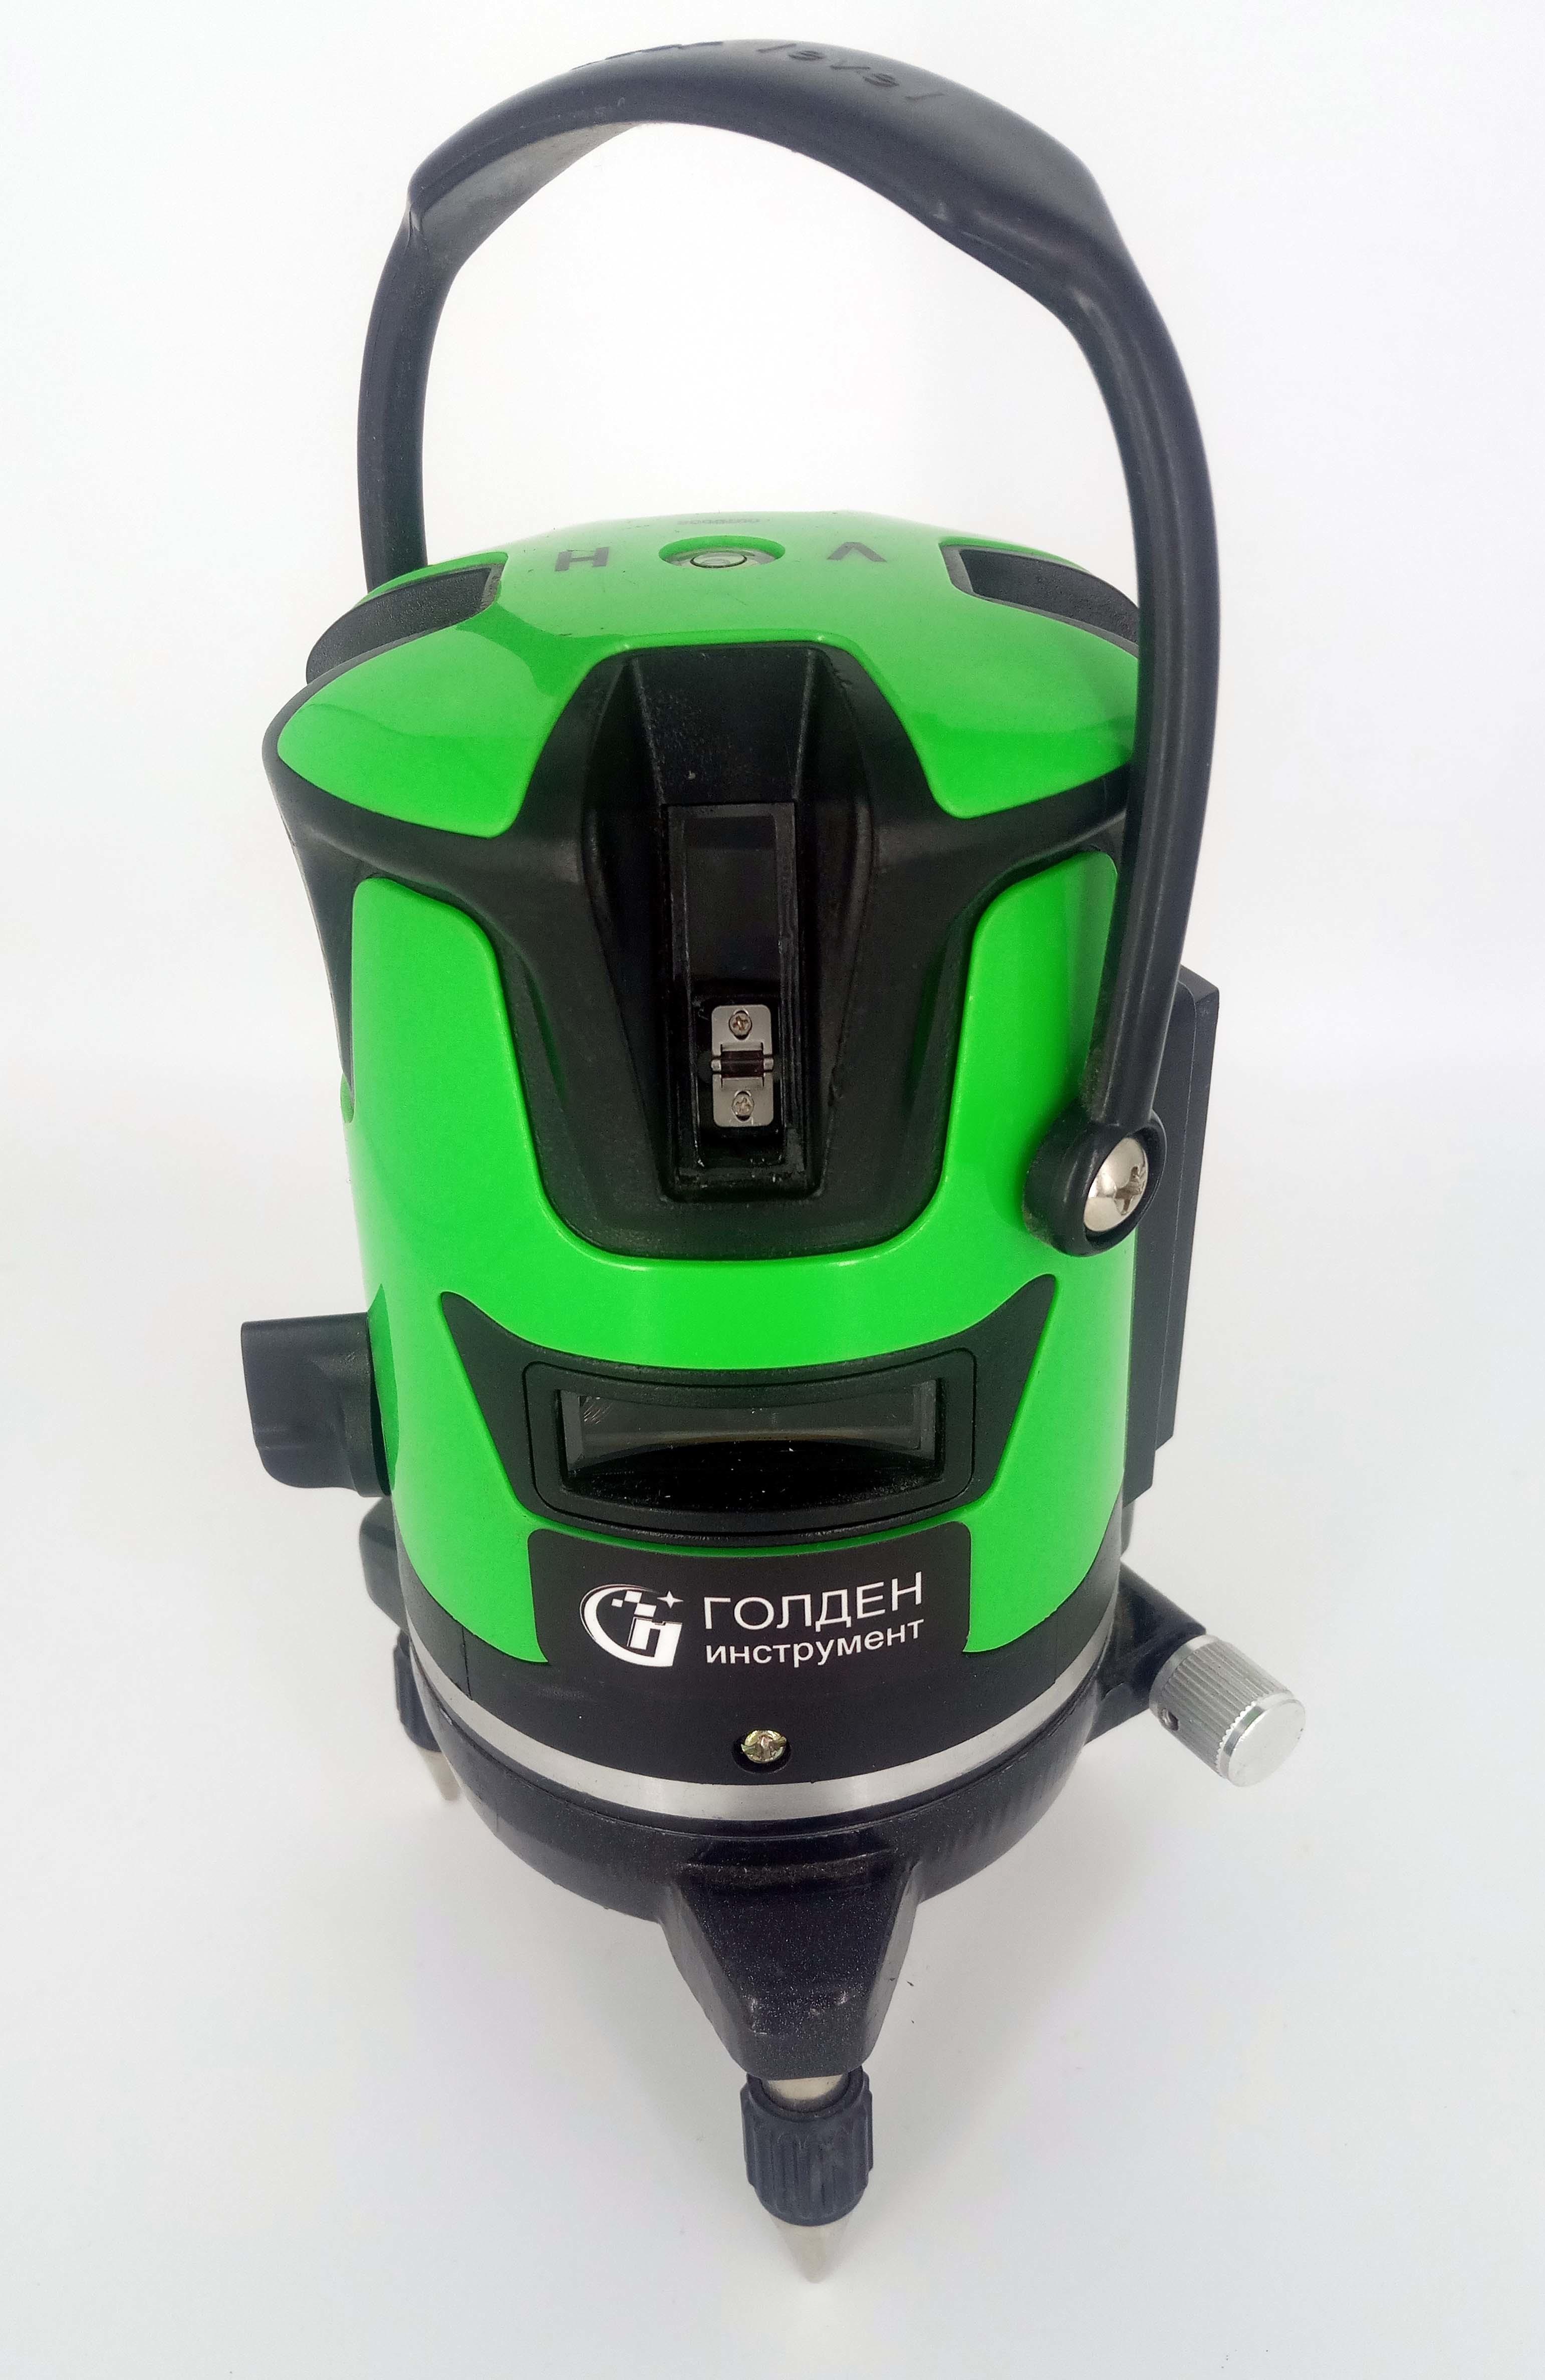 Лазерный нивелир (уровень, луч зеленый) голден инструмент СТИ-636-5L 79845